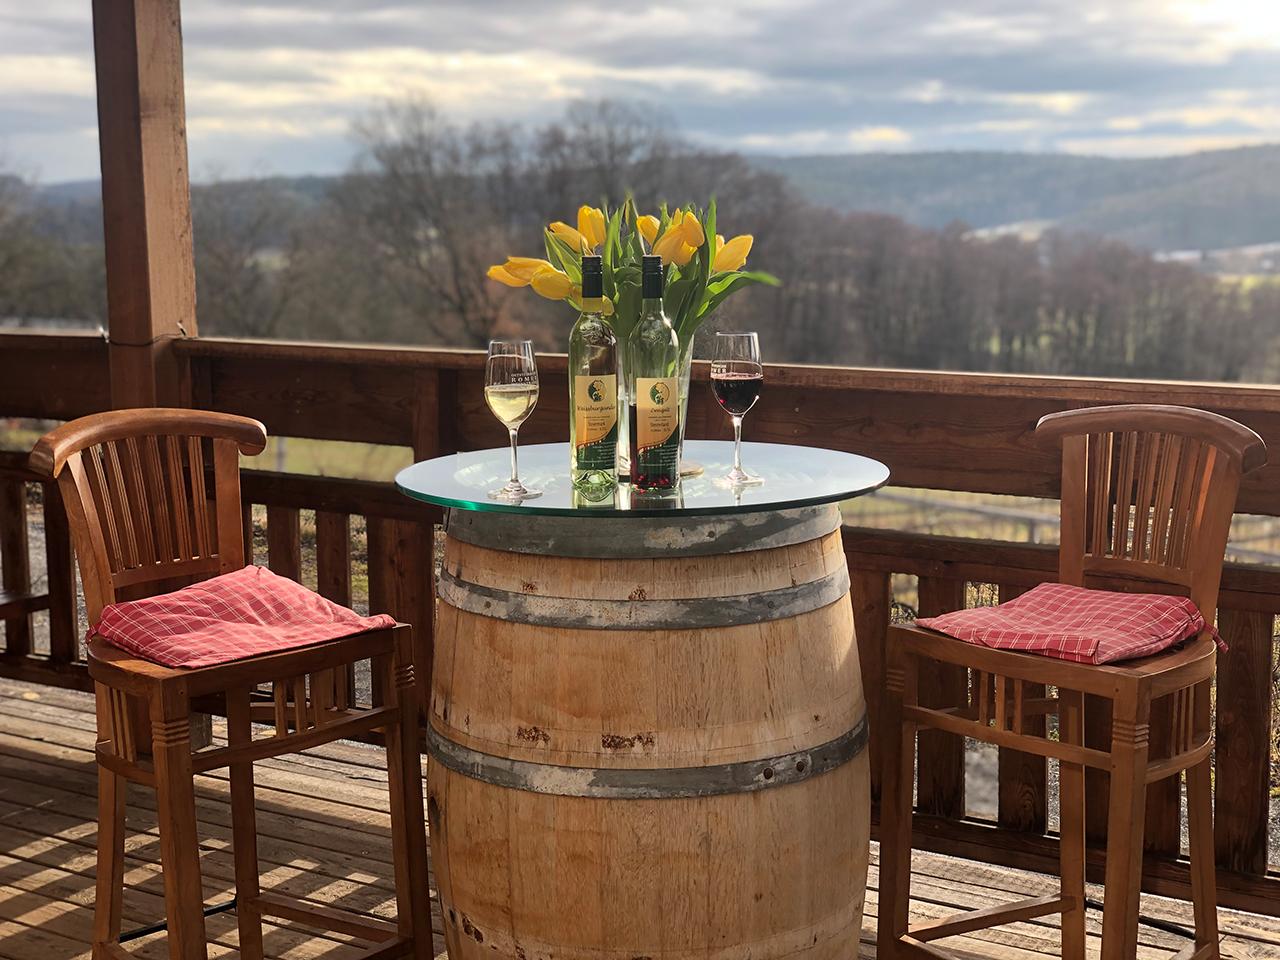 Stehtisch auf der Terrasse mit Blumendeko und Weinen